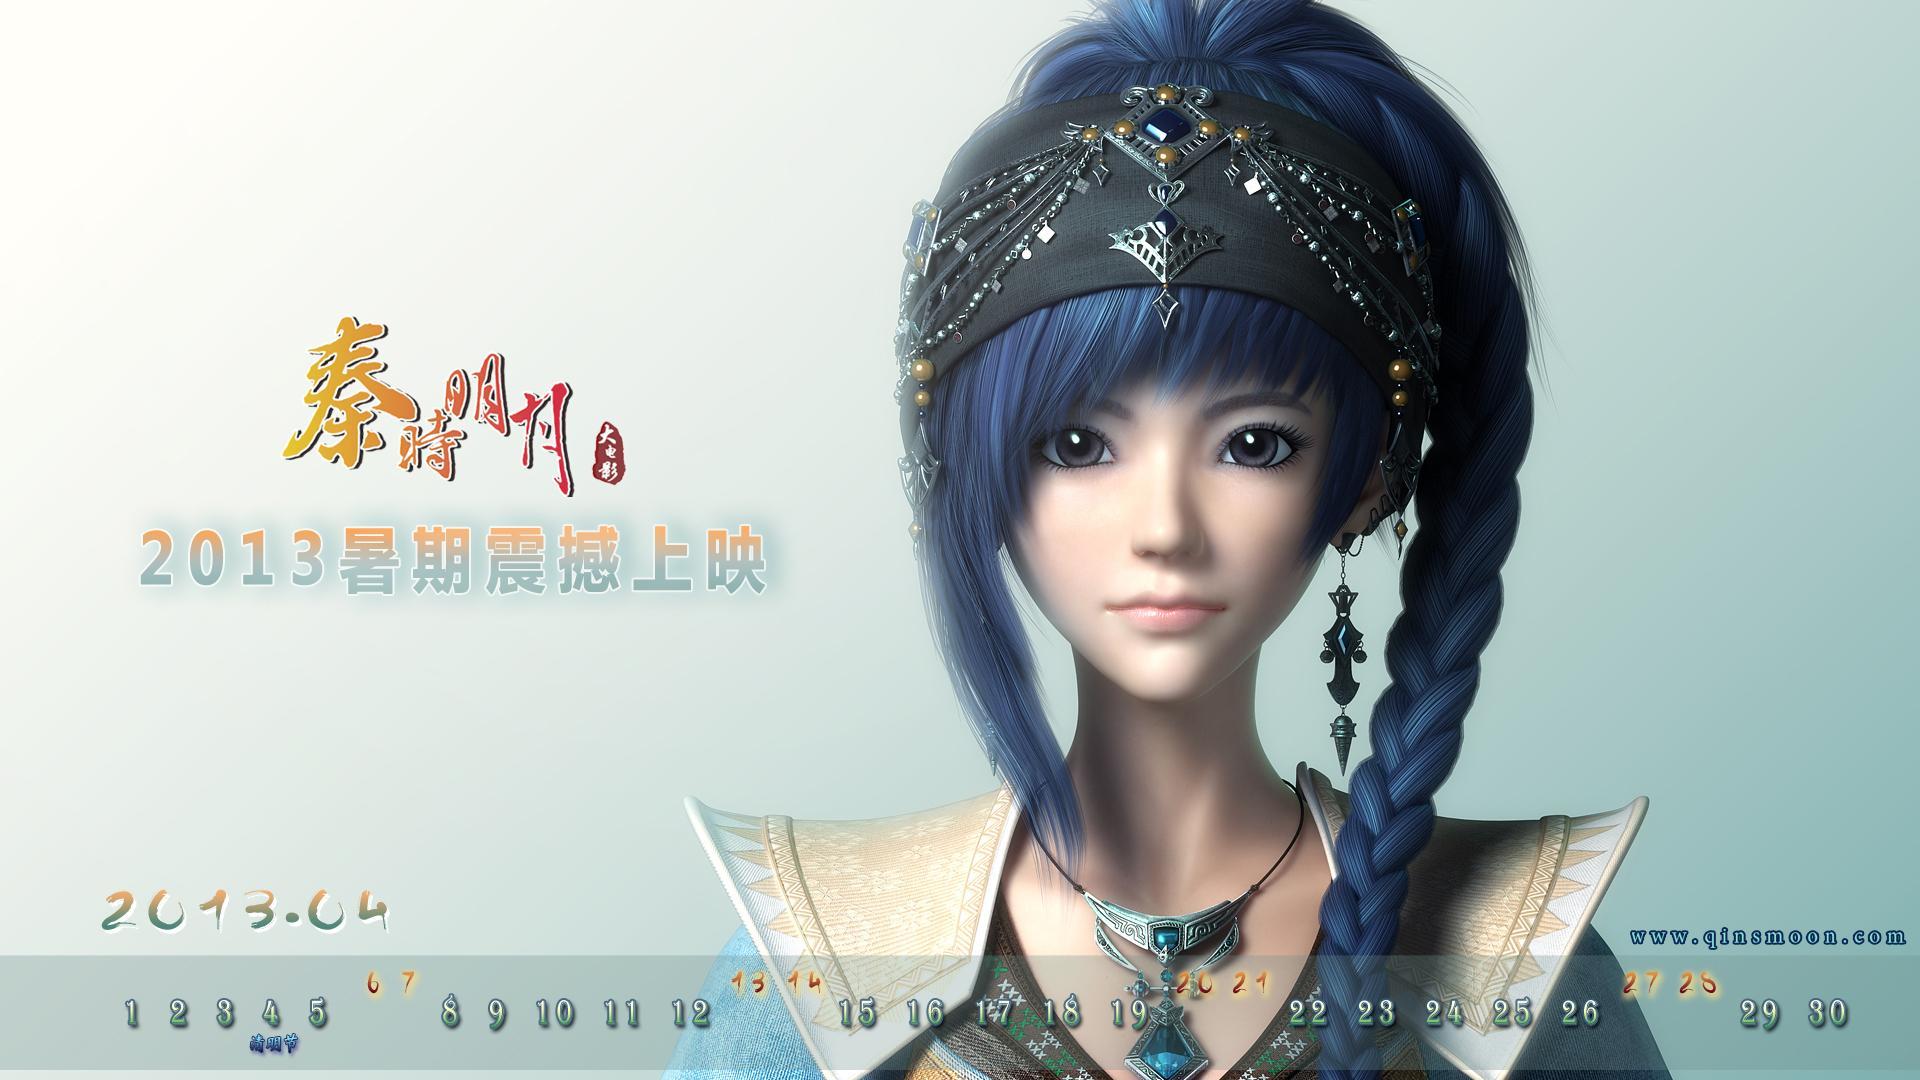 大电影女主角3d人物模型